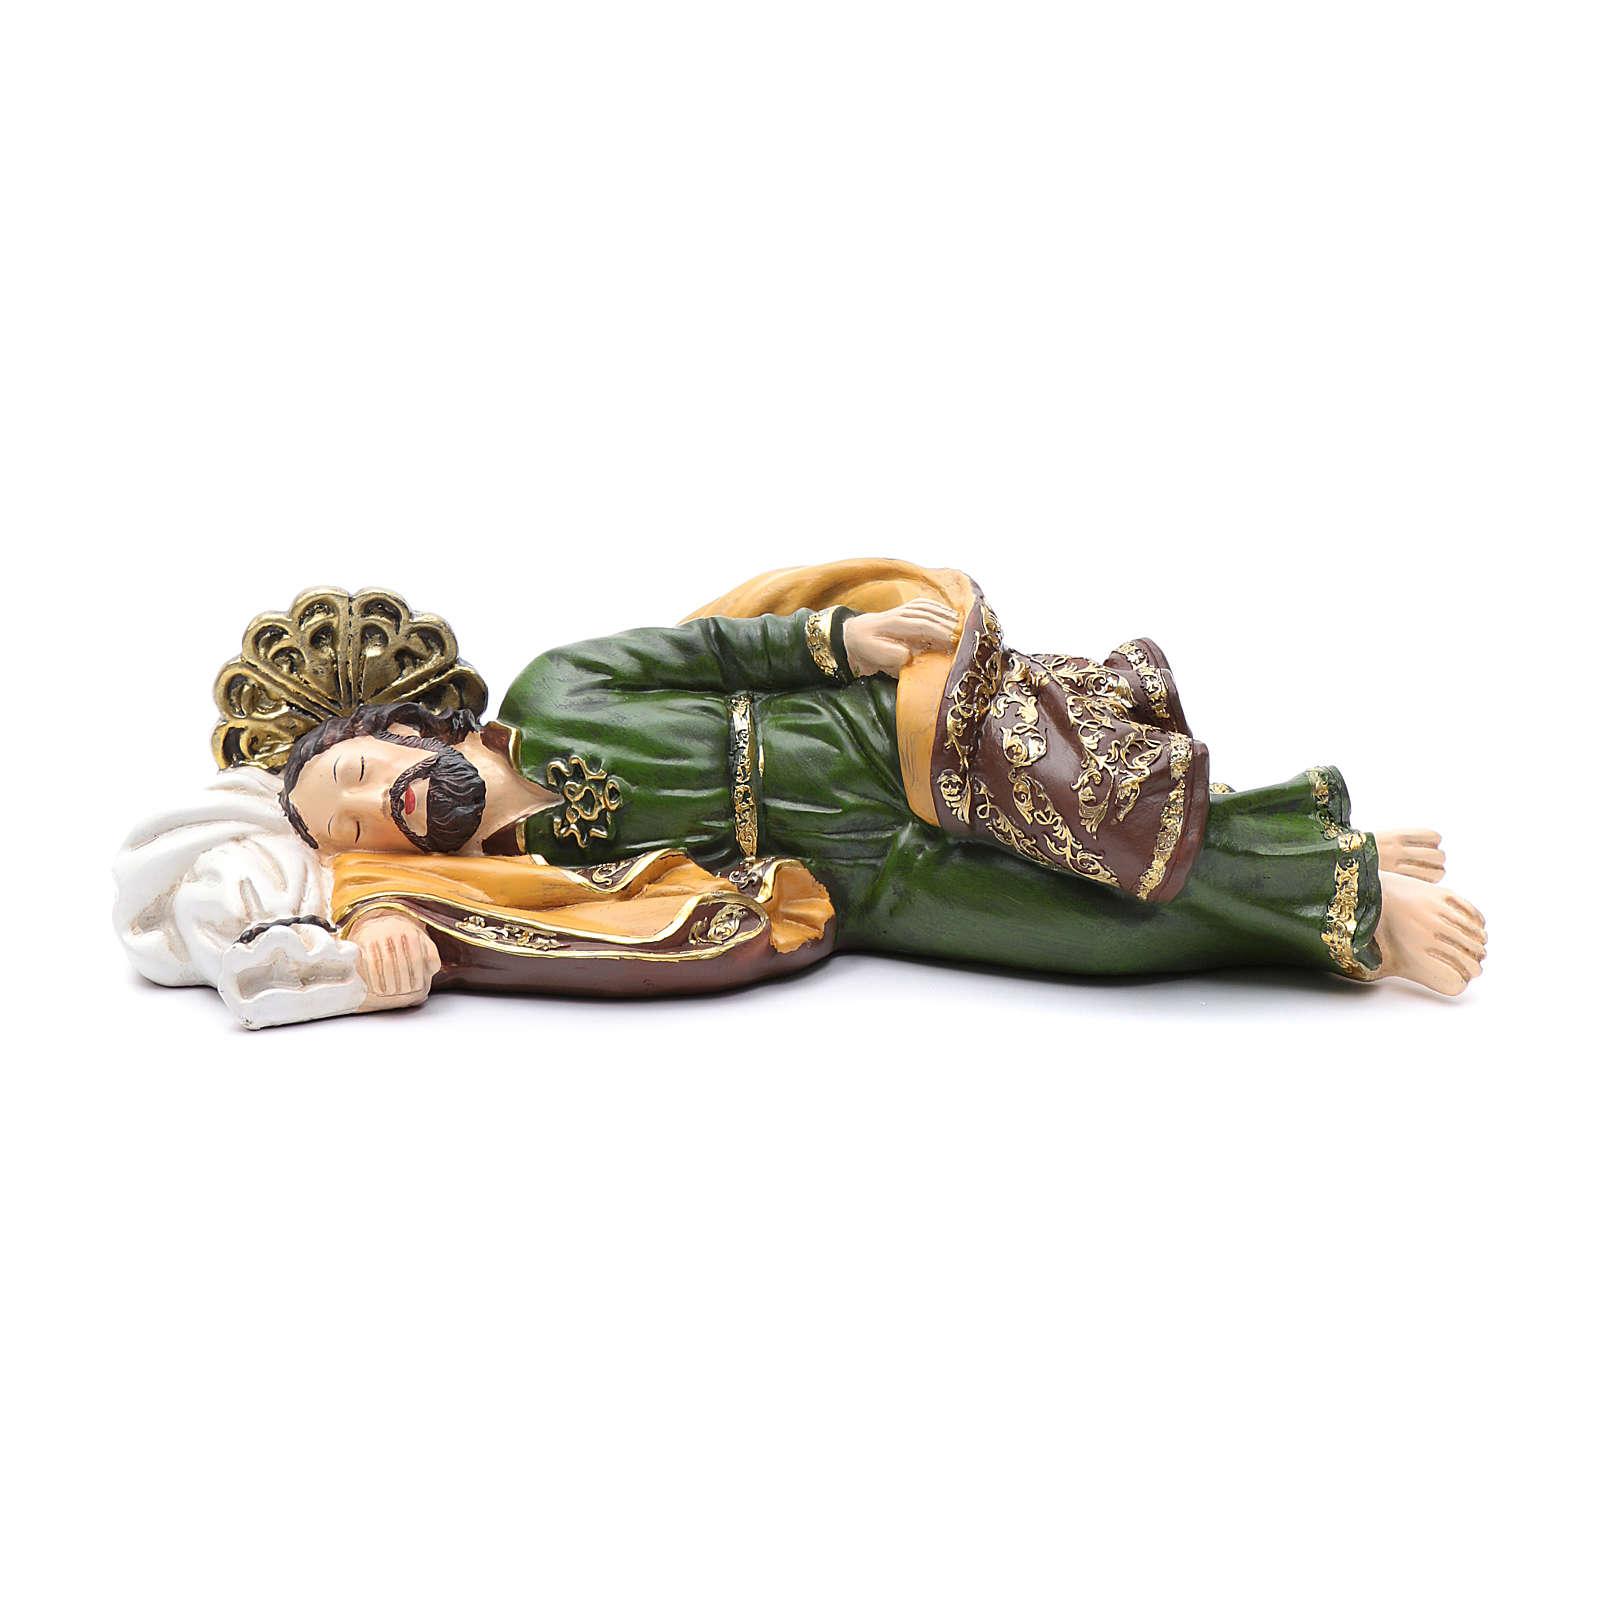 Figura Święty Józef śpiący do szopki 40 cm 3